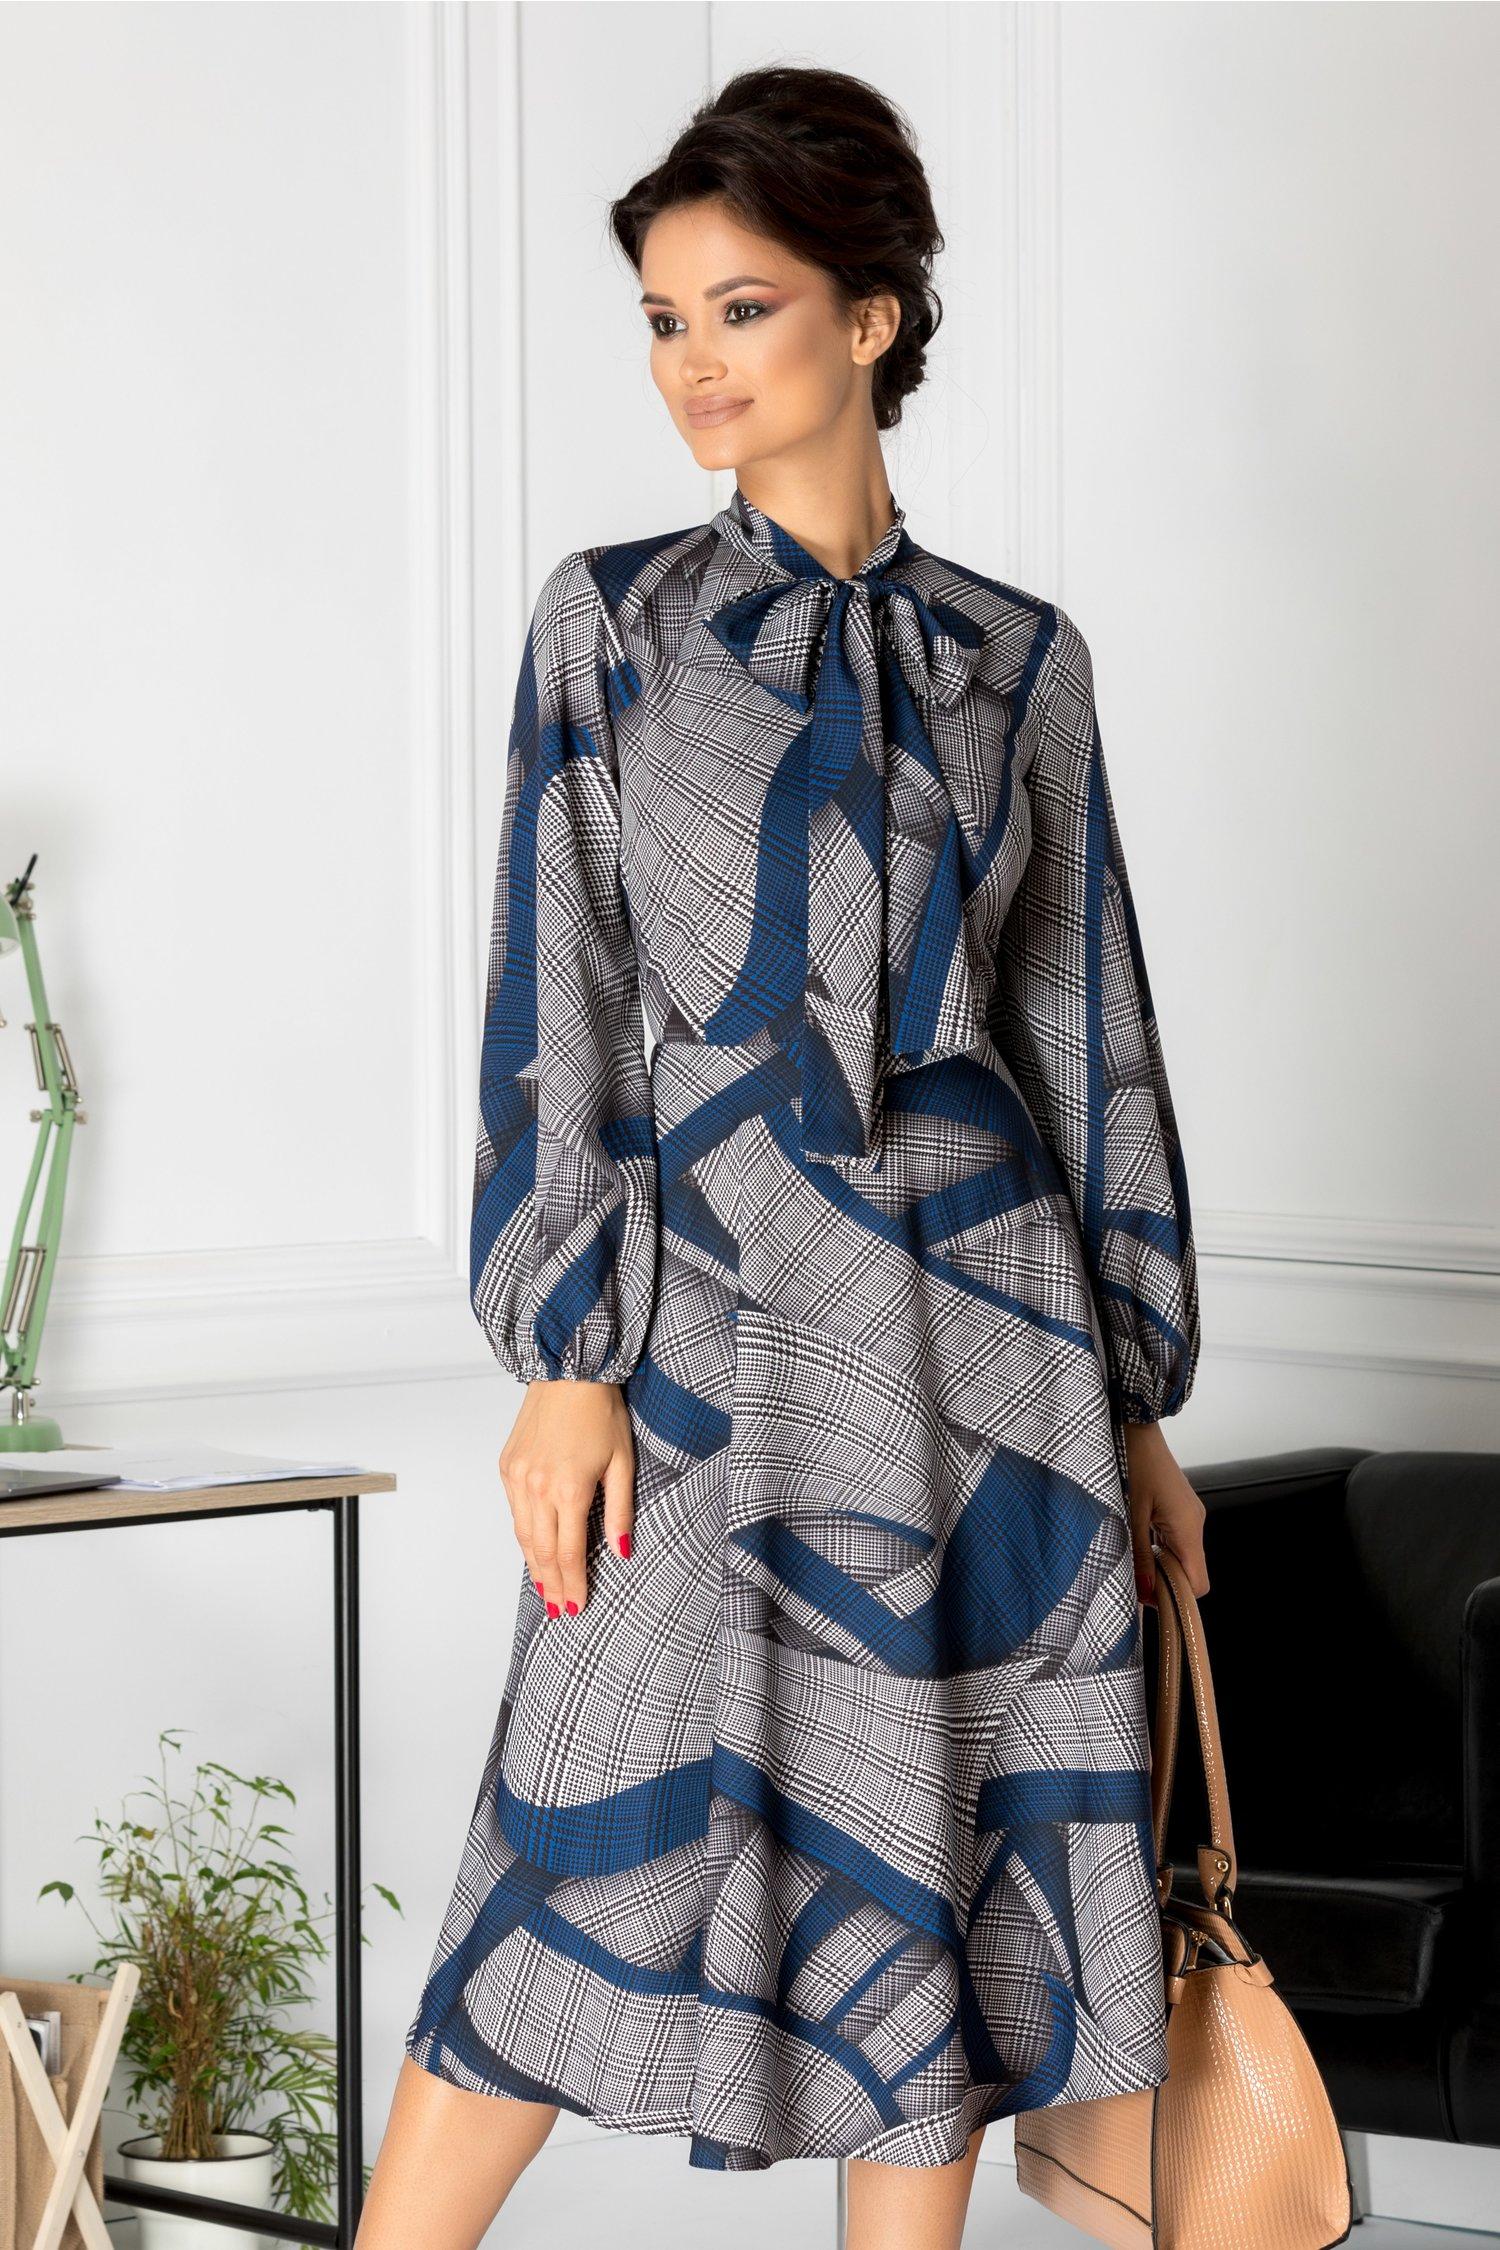 Rochie Brise midi cu imprimeu gri si albastru